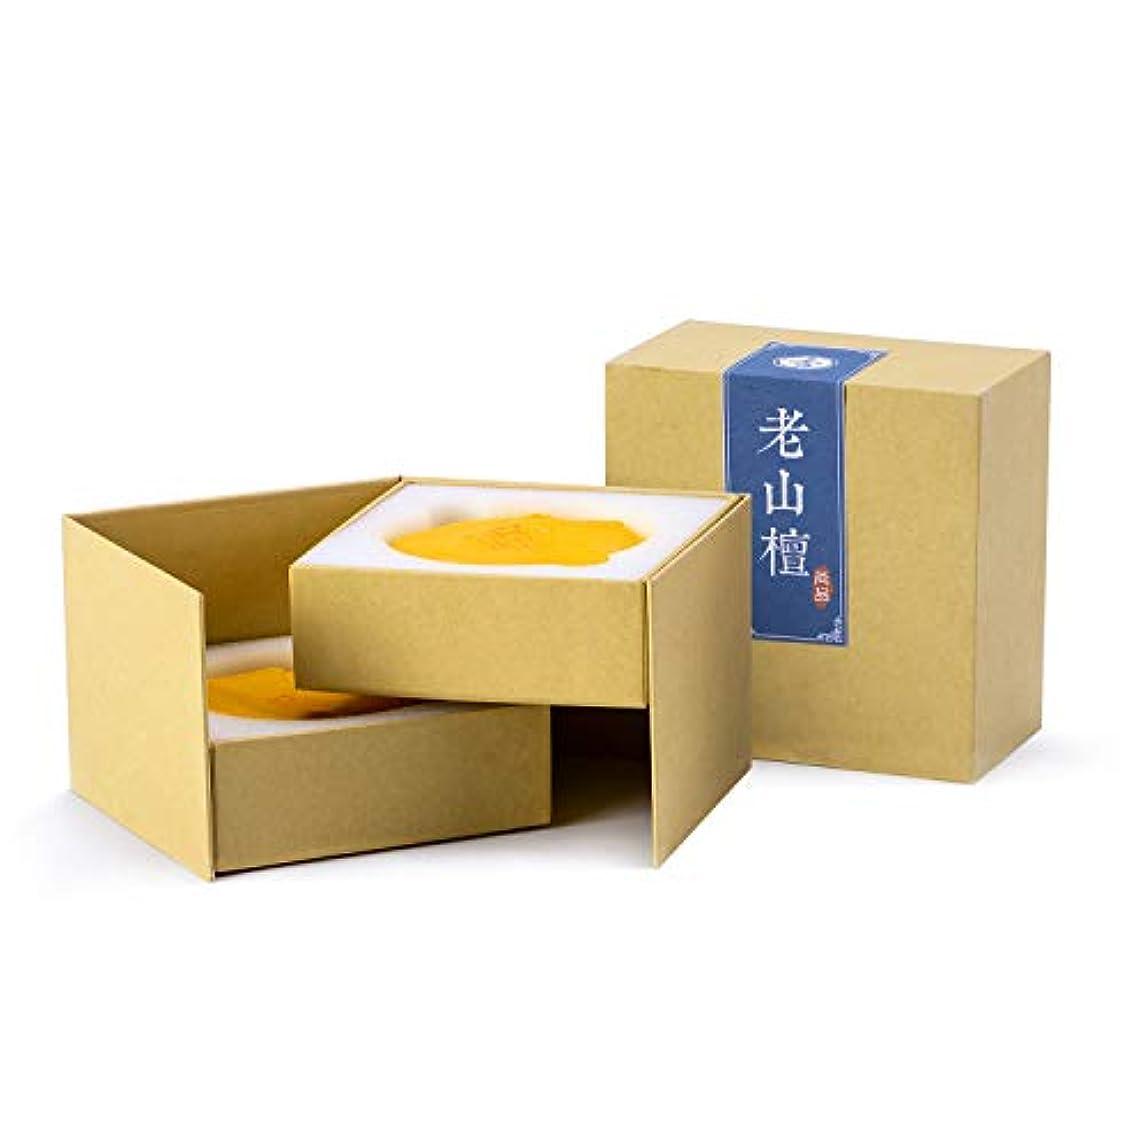 暗唱するホップ電極Hwagui お香 上級 渦巻き線香 白檀 瀋香 ヨモギ 優しい香り 2時間 40巻入